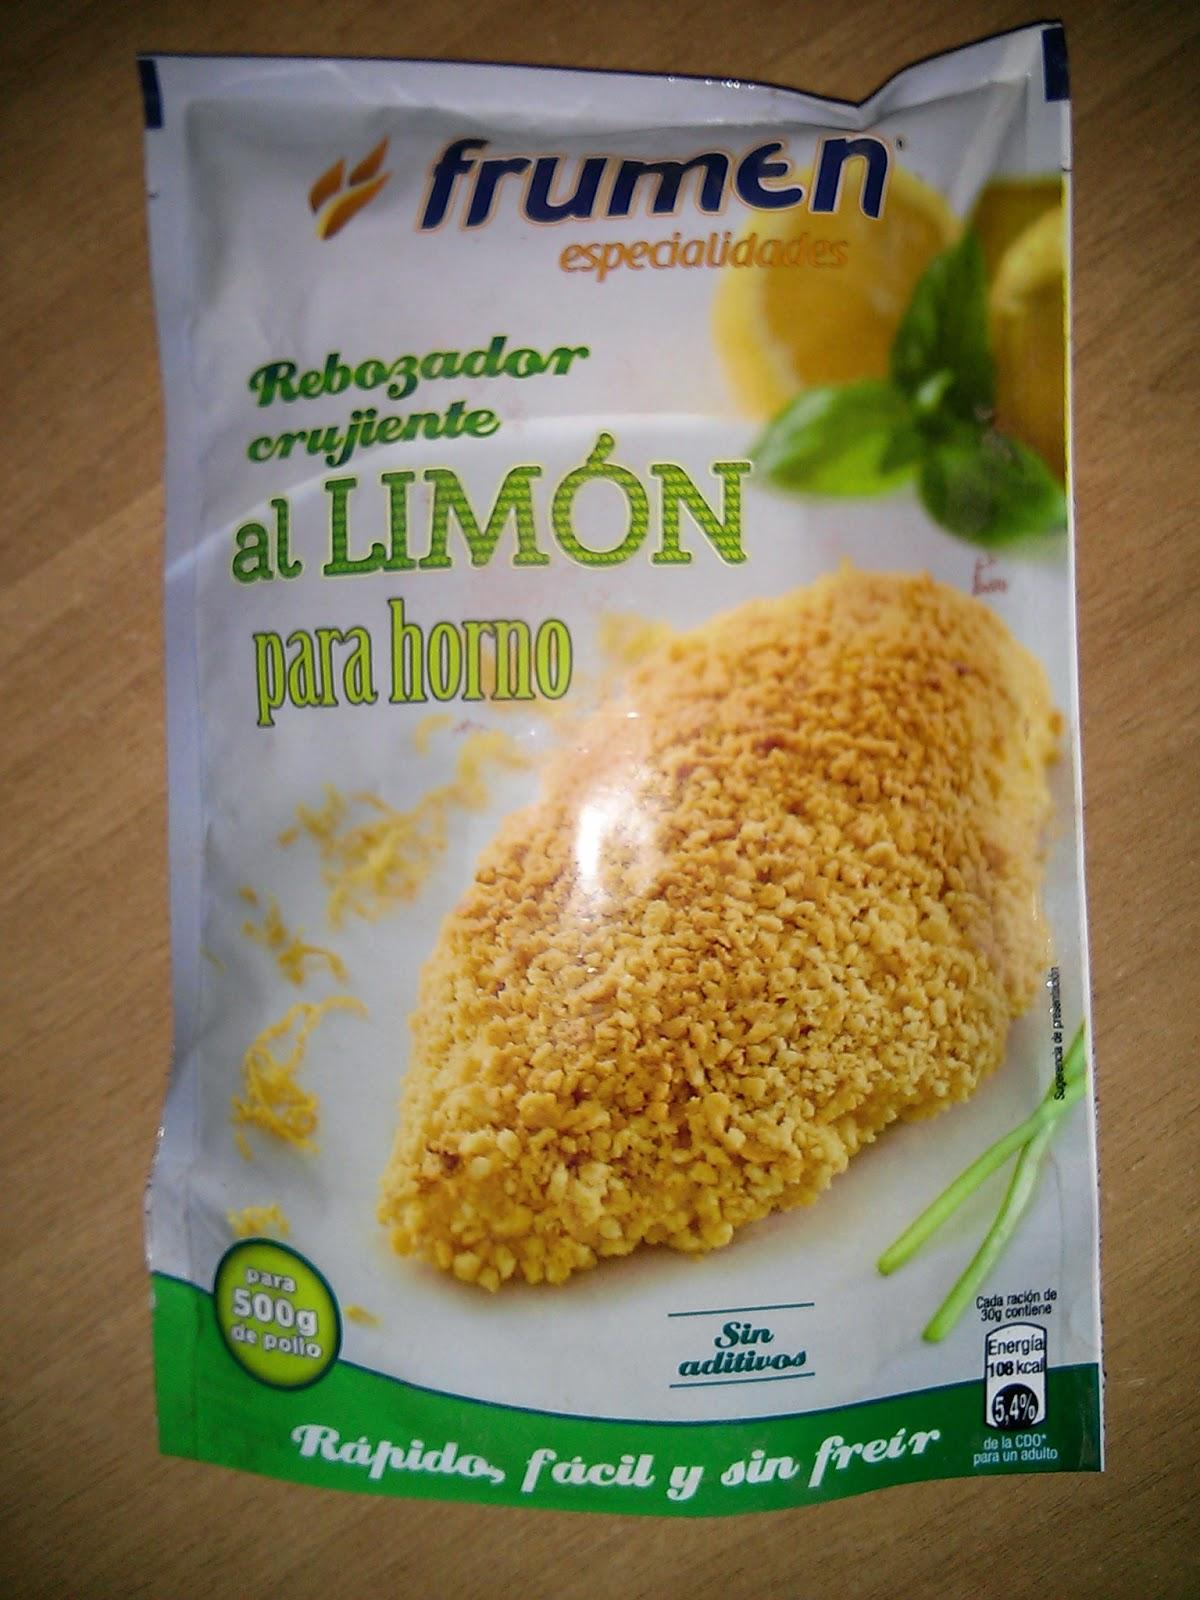 rebozador crujiente al limón